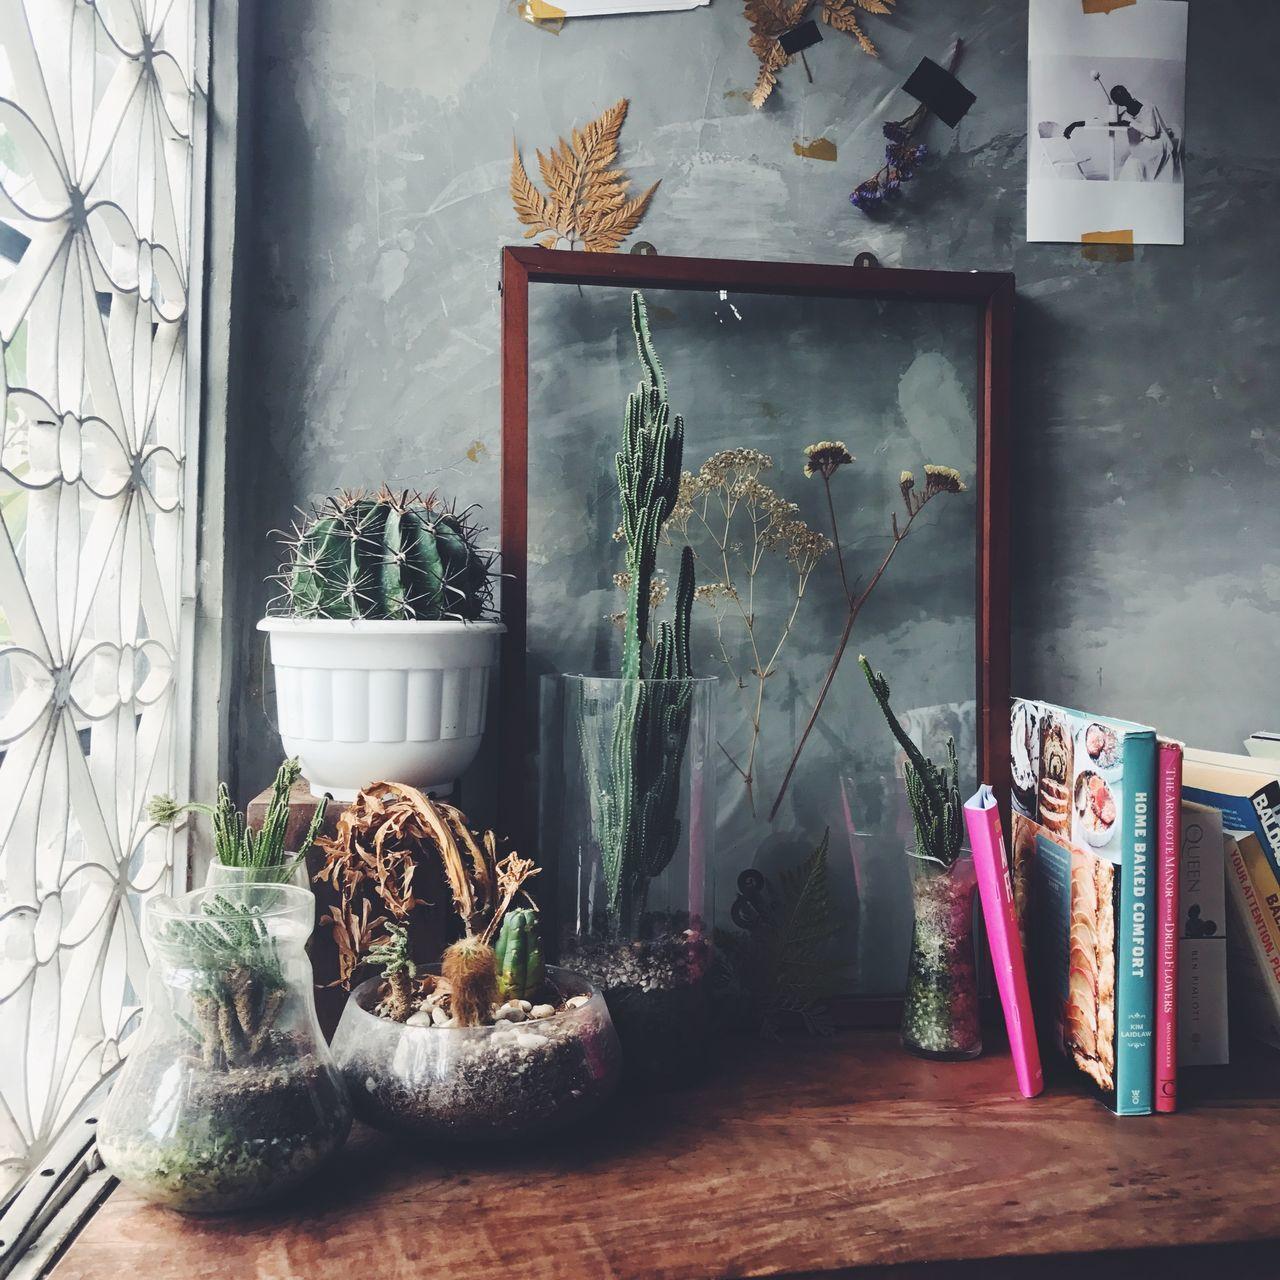 Decoration Interior Design Cafe Plant Artistic Johor Bahru